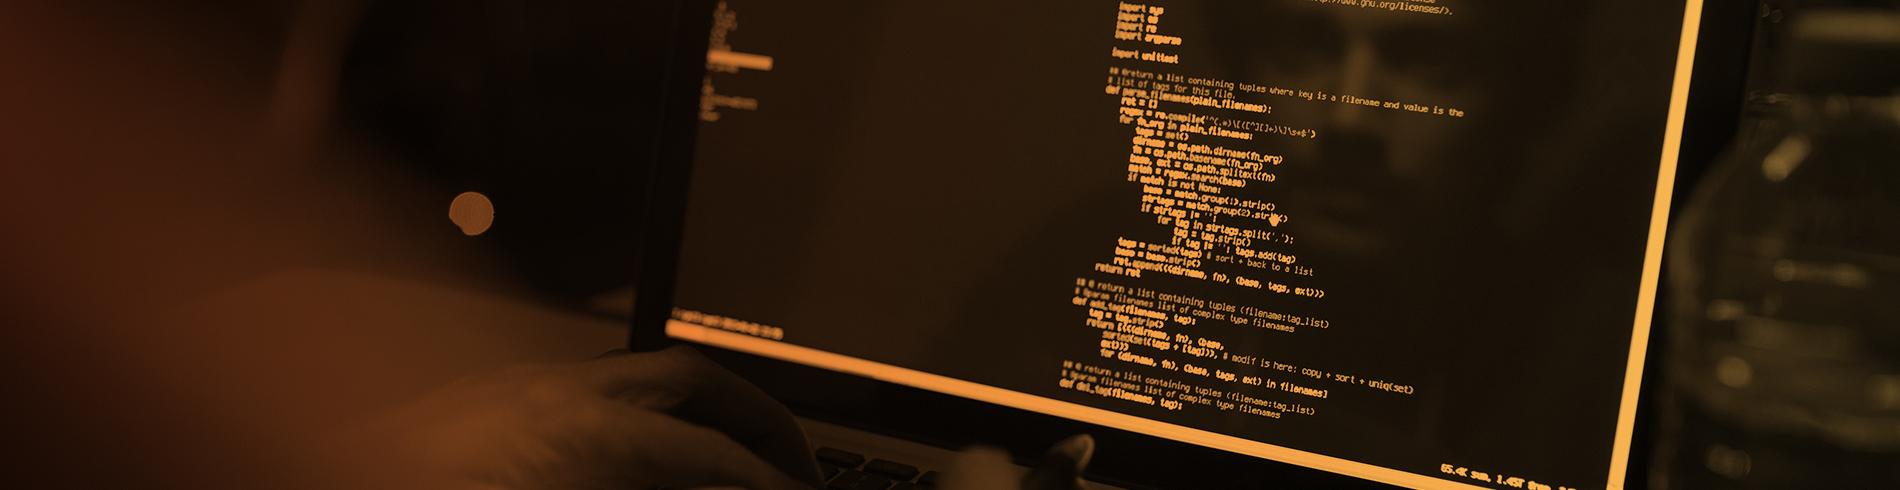 Accés ciberriscs